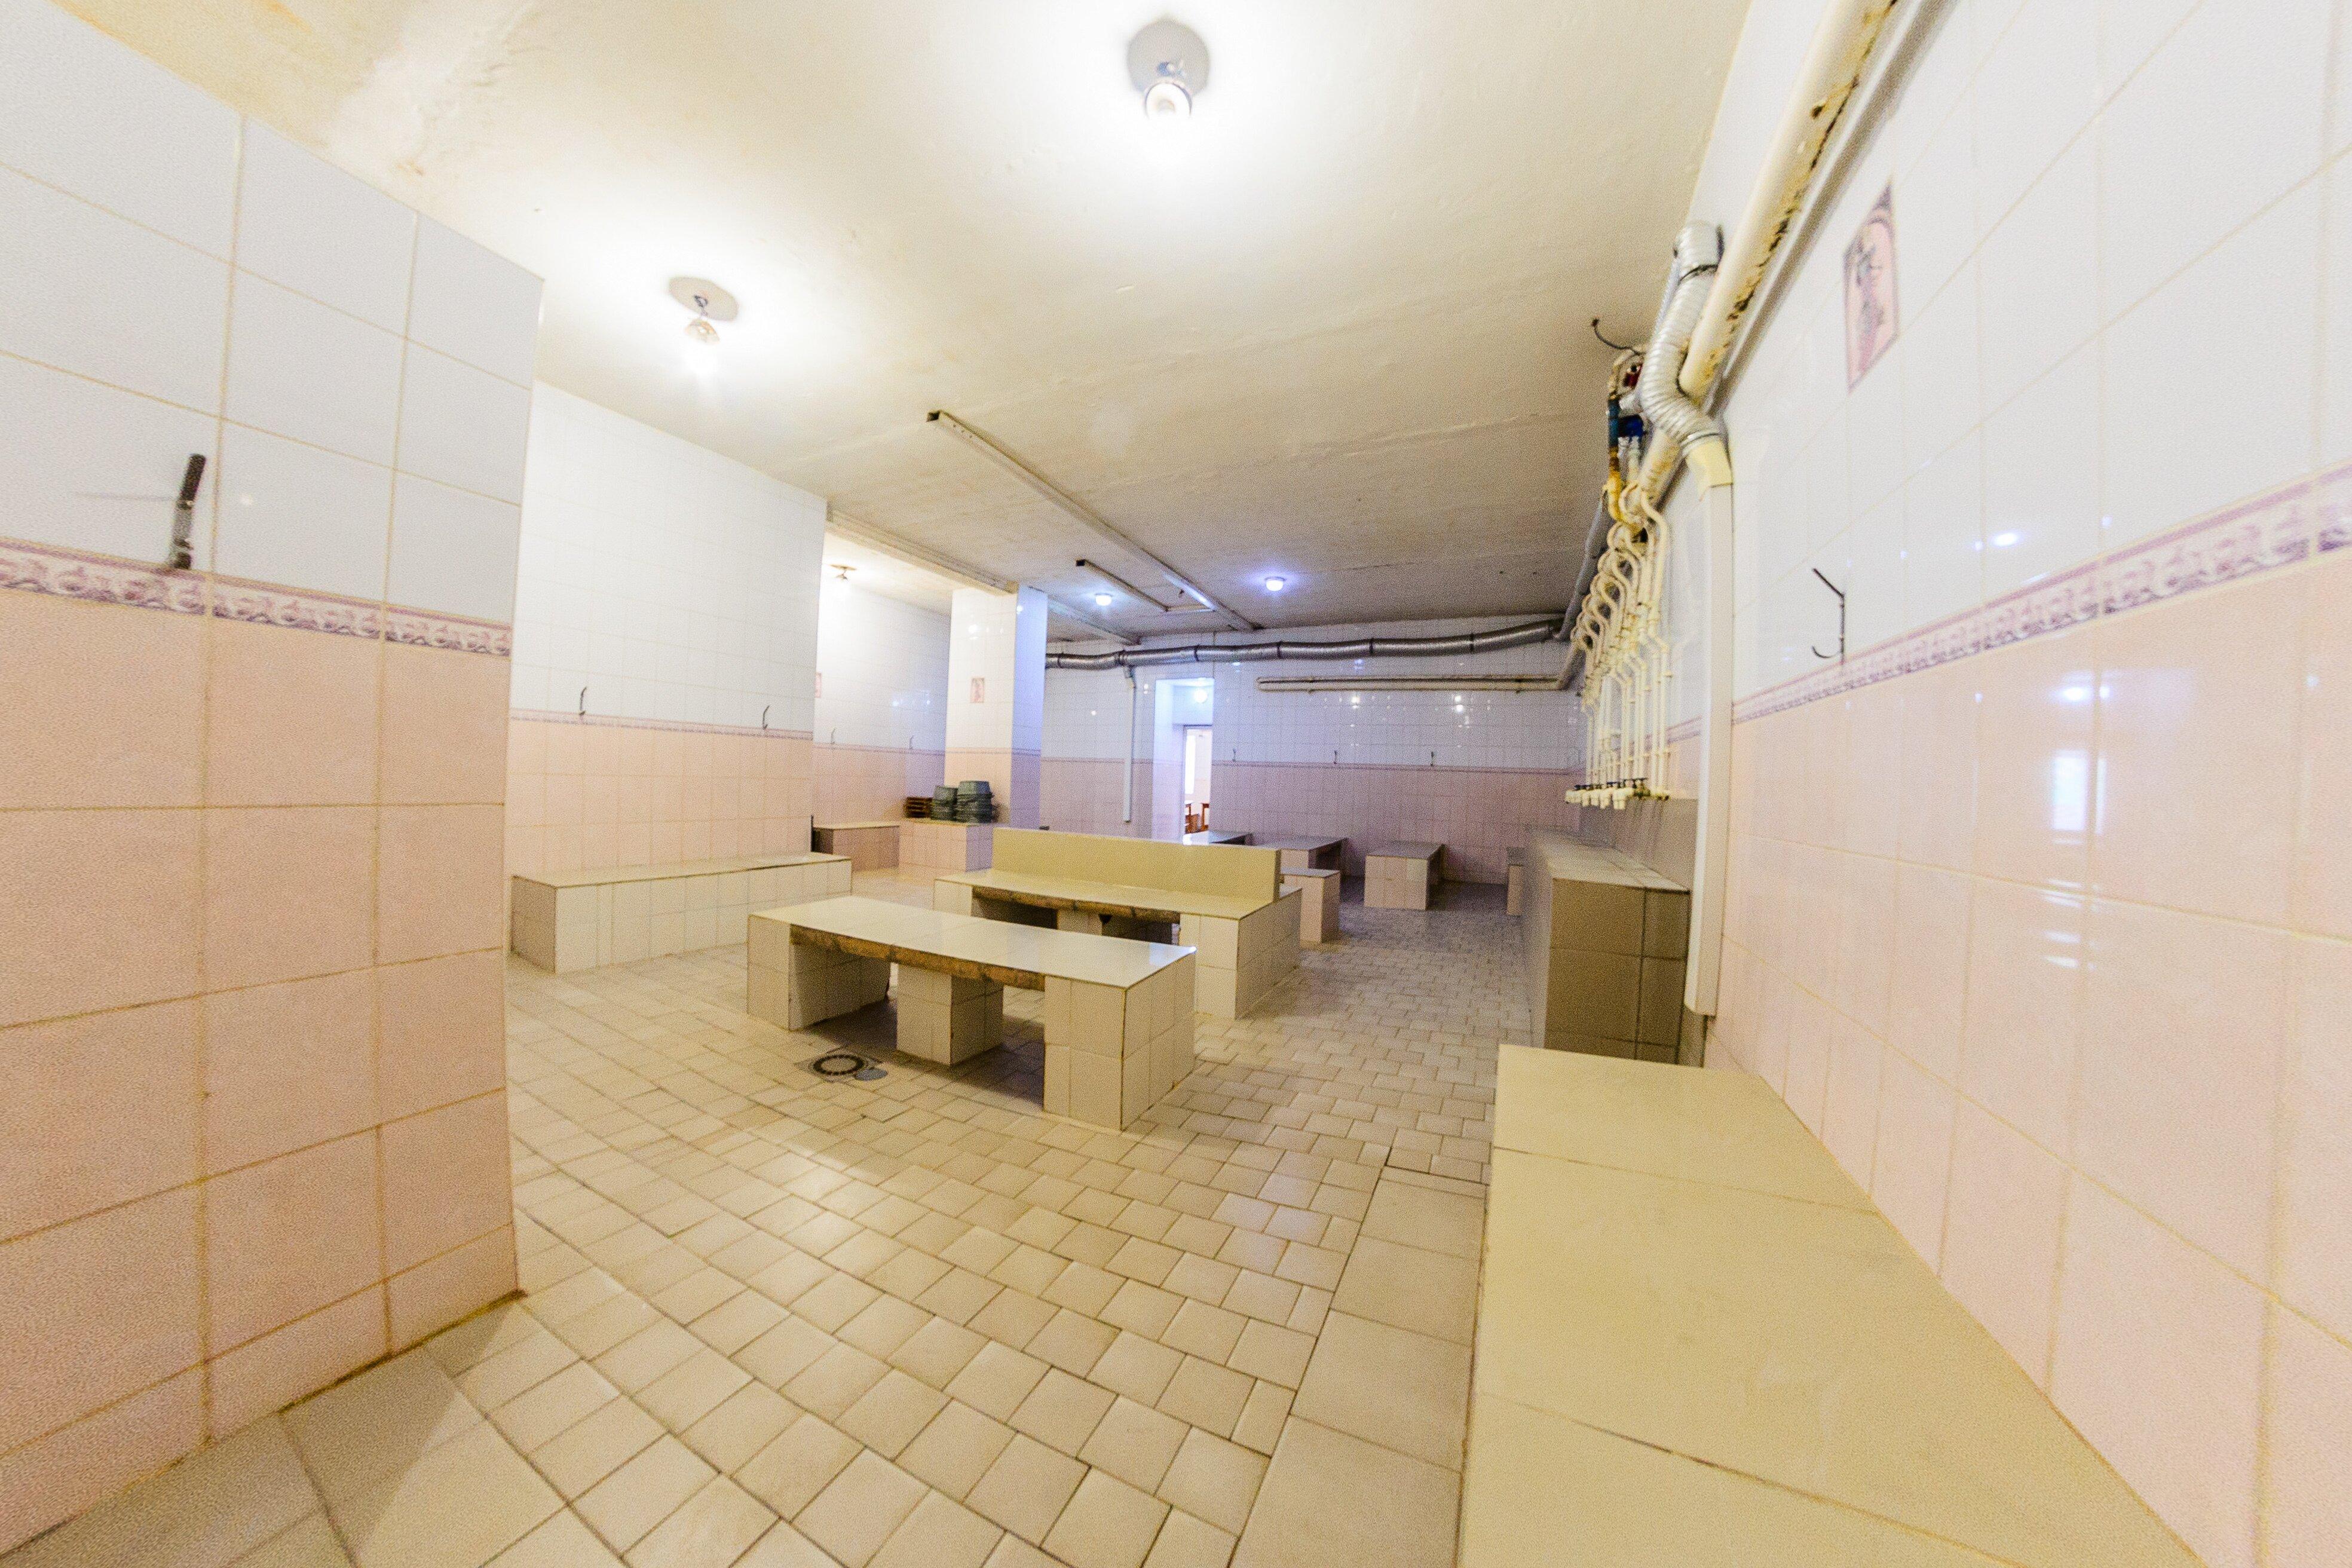 Видео помывки девушек в общественной бане #6